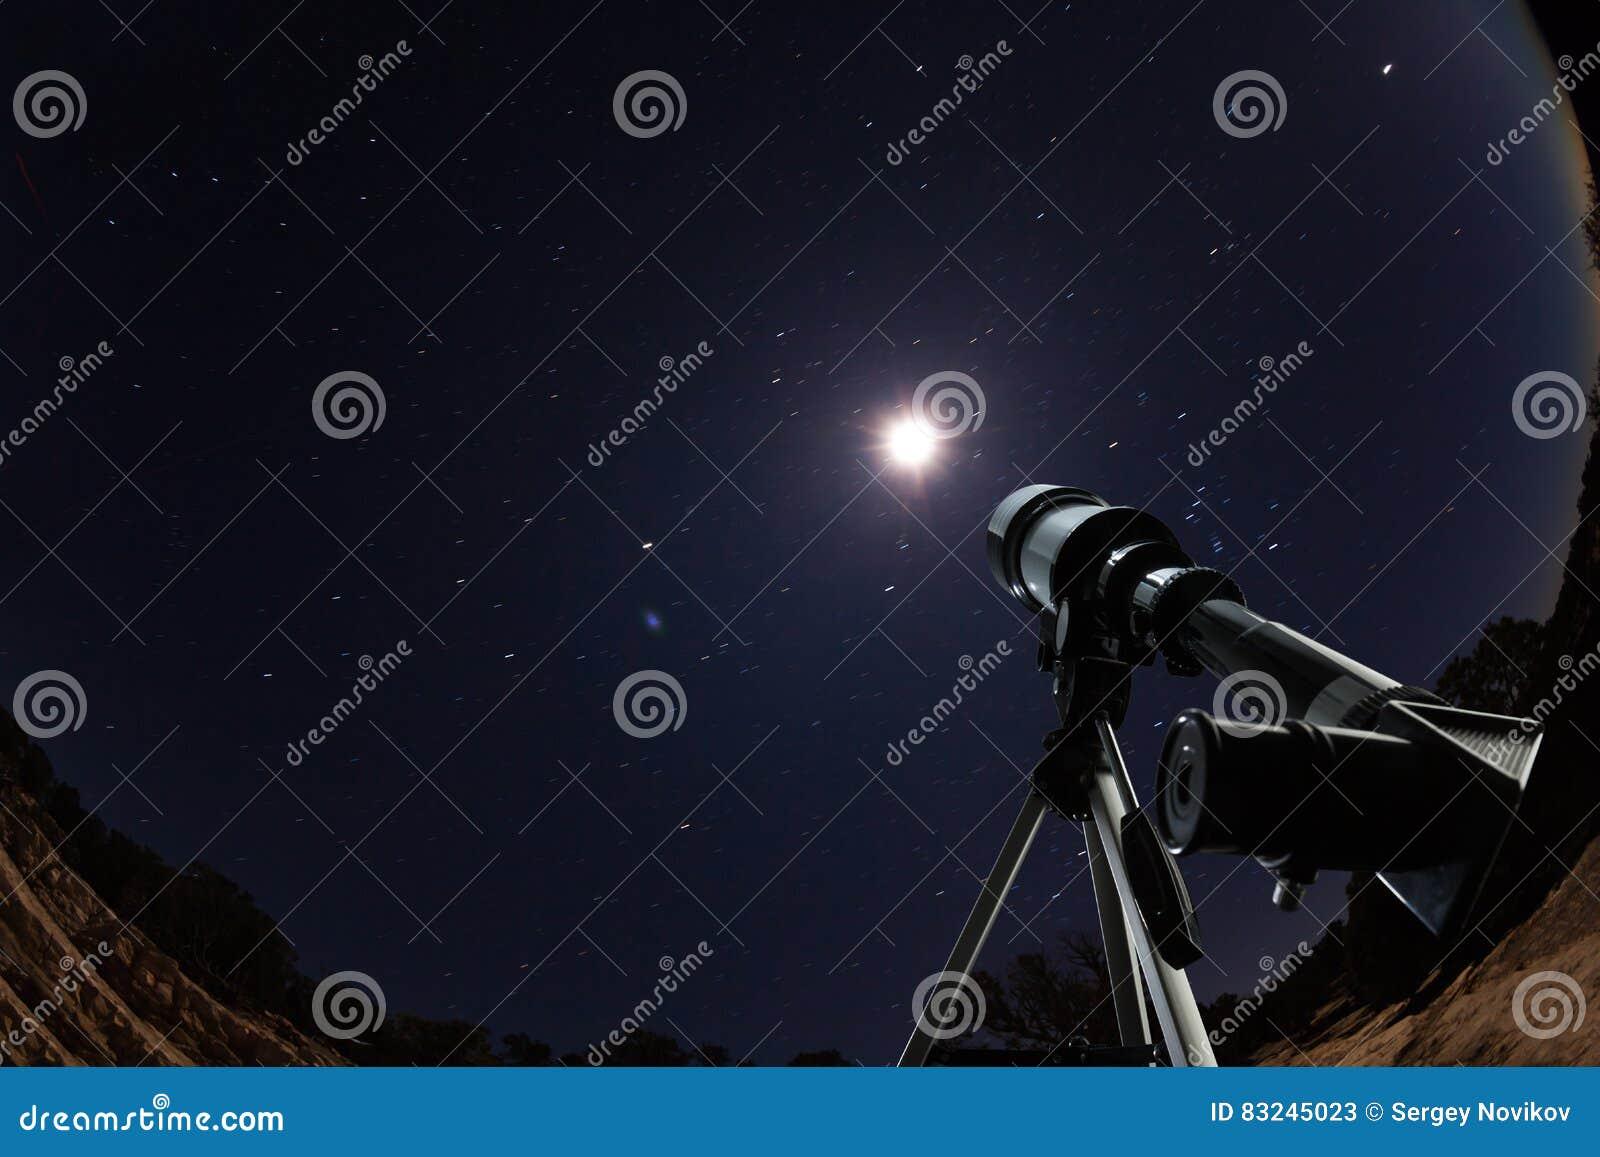 Τηλεσκόπιο πέρα από το νυχτερινό ουρανό με τα αστέρια και το φεγγάρι